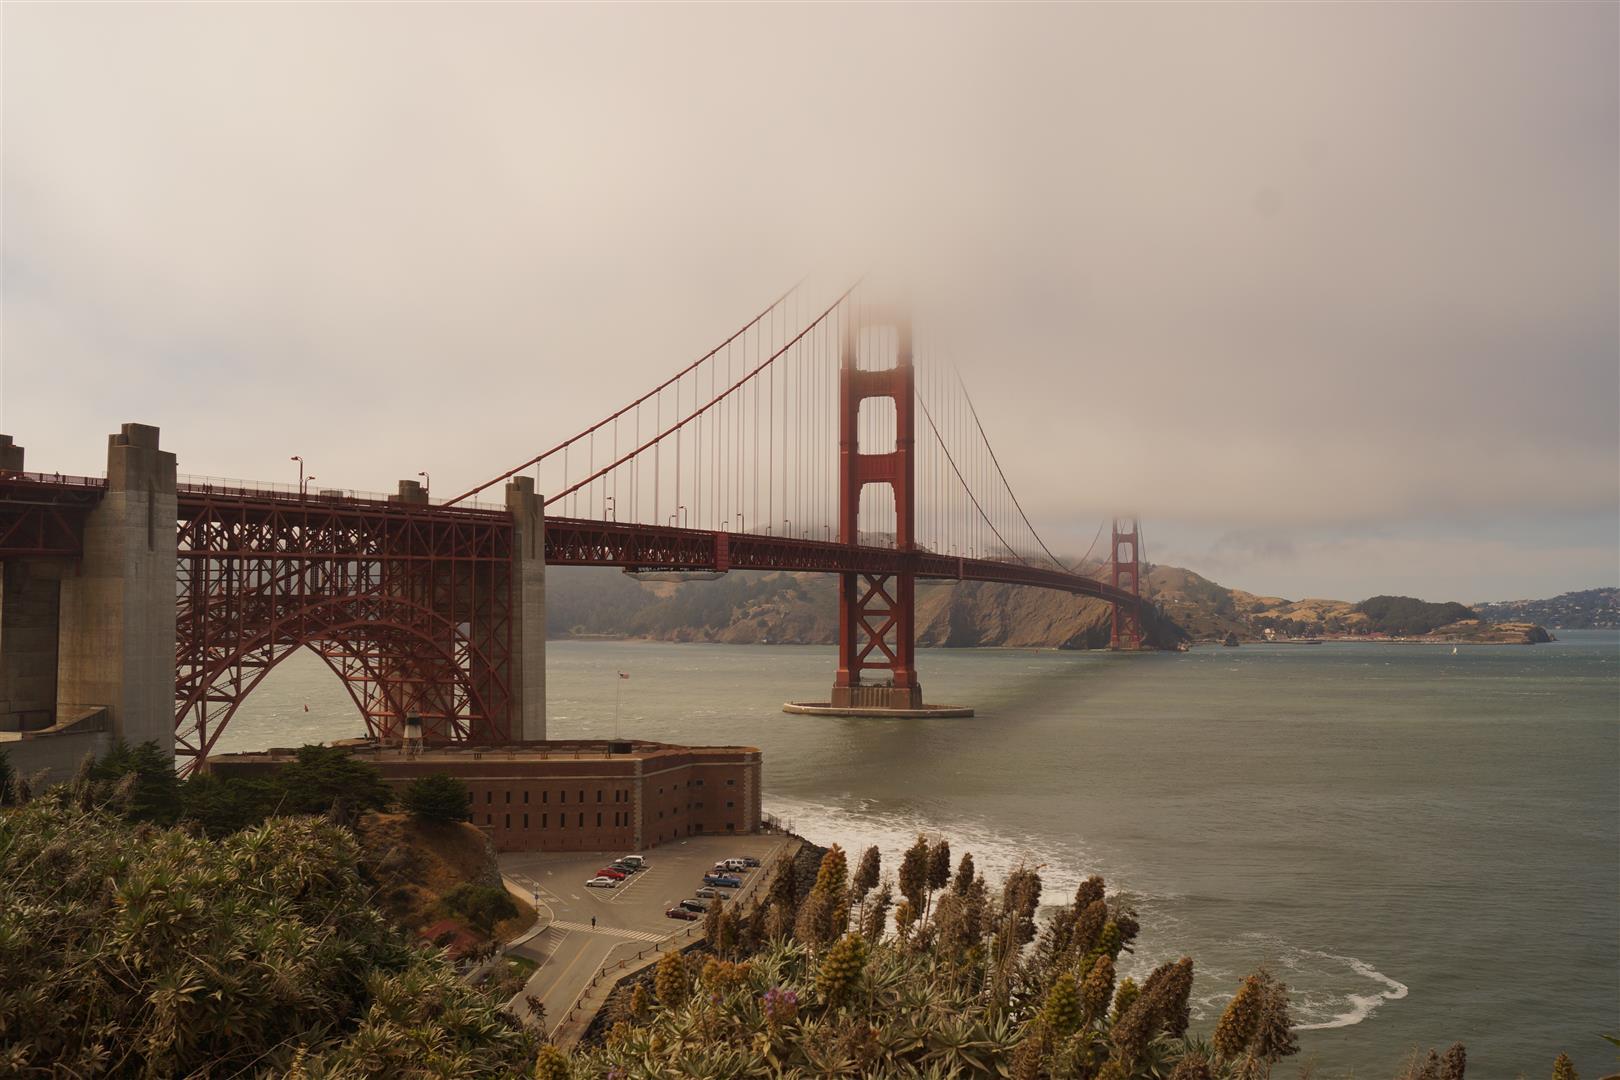 Die Brücke in voller Pracht! (außer der Spitze... aber leider das beste Foto, das wir machen konnten.)